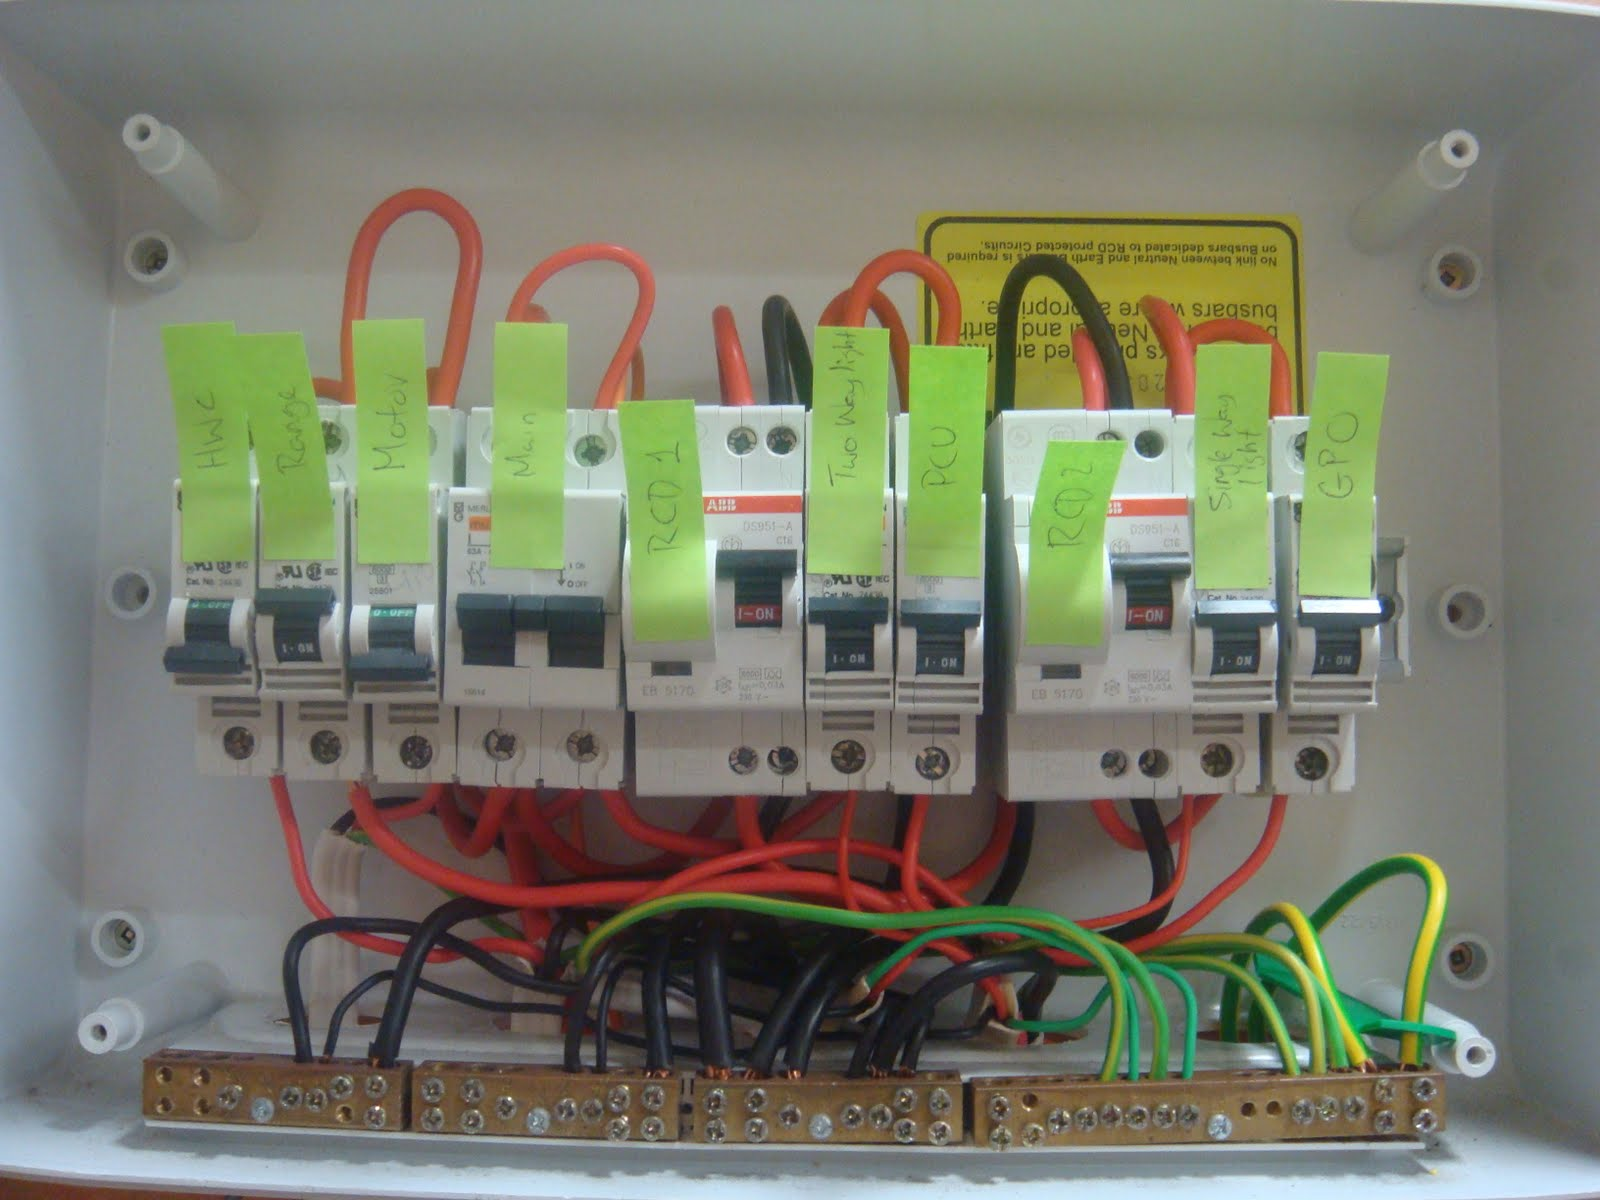 2 way lighting circuit wiring diagram nz [ 1600 x 1200 Pixel ]